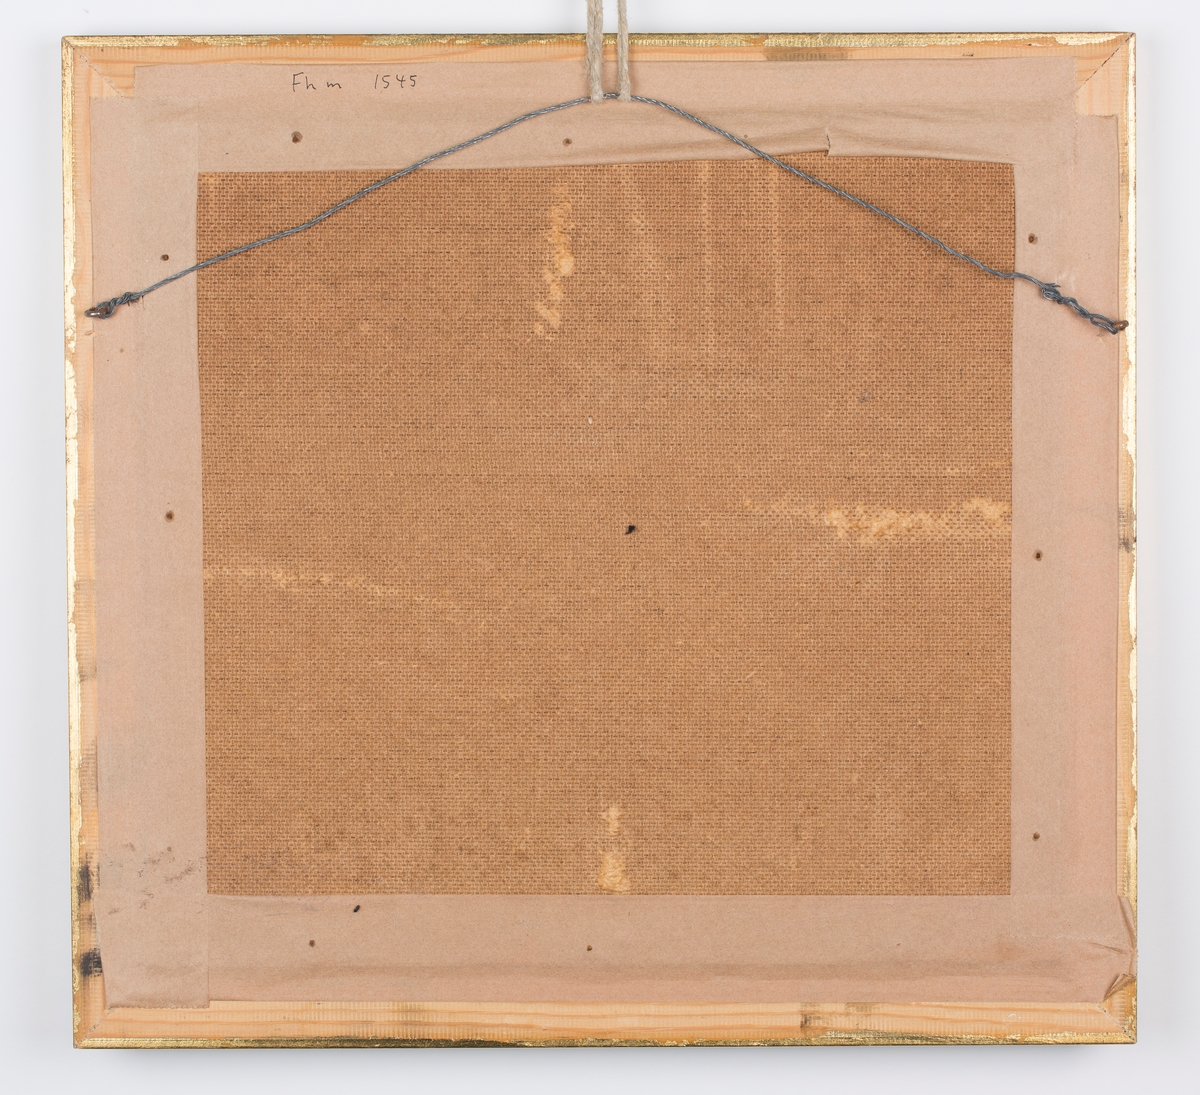 Oljemaleri i gulramme av Anton Thoresen, Blomstermotiv.